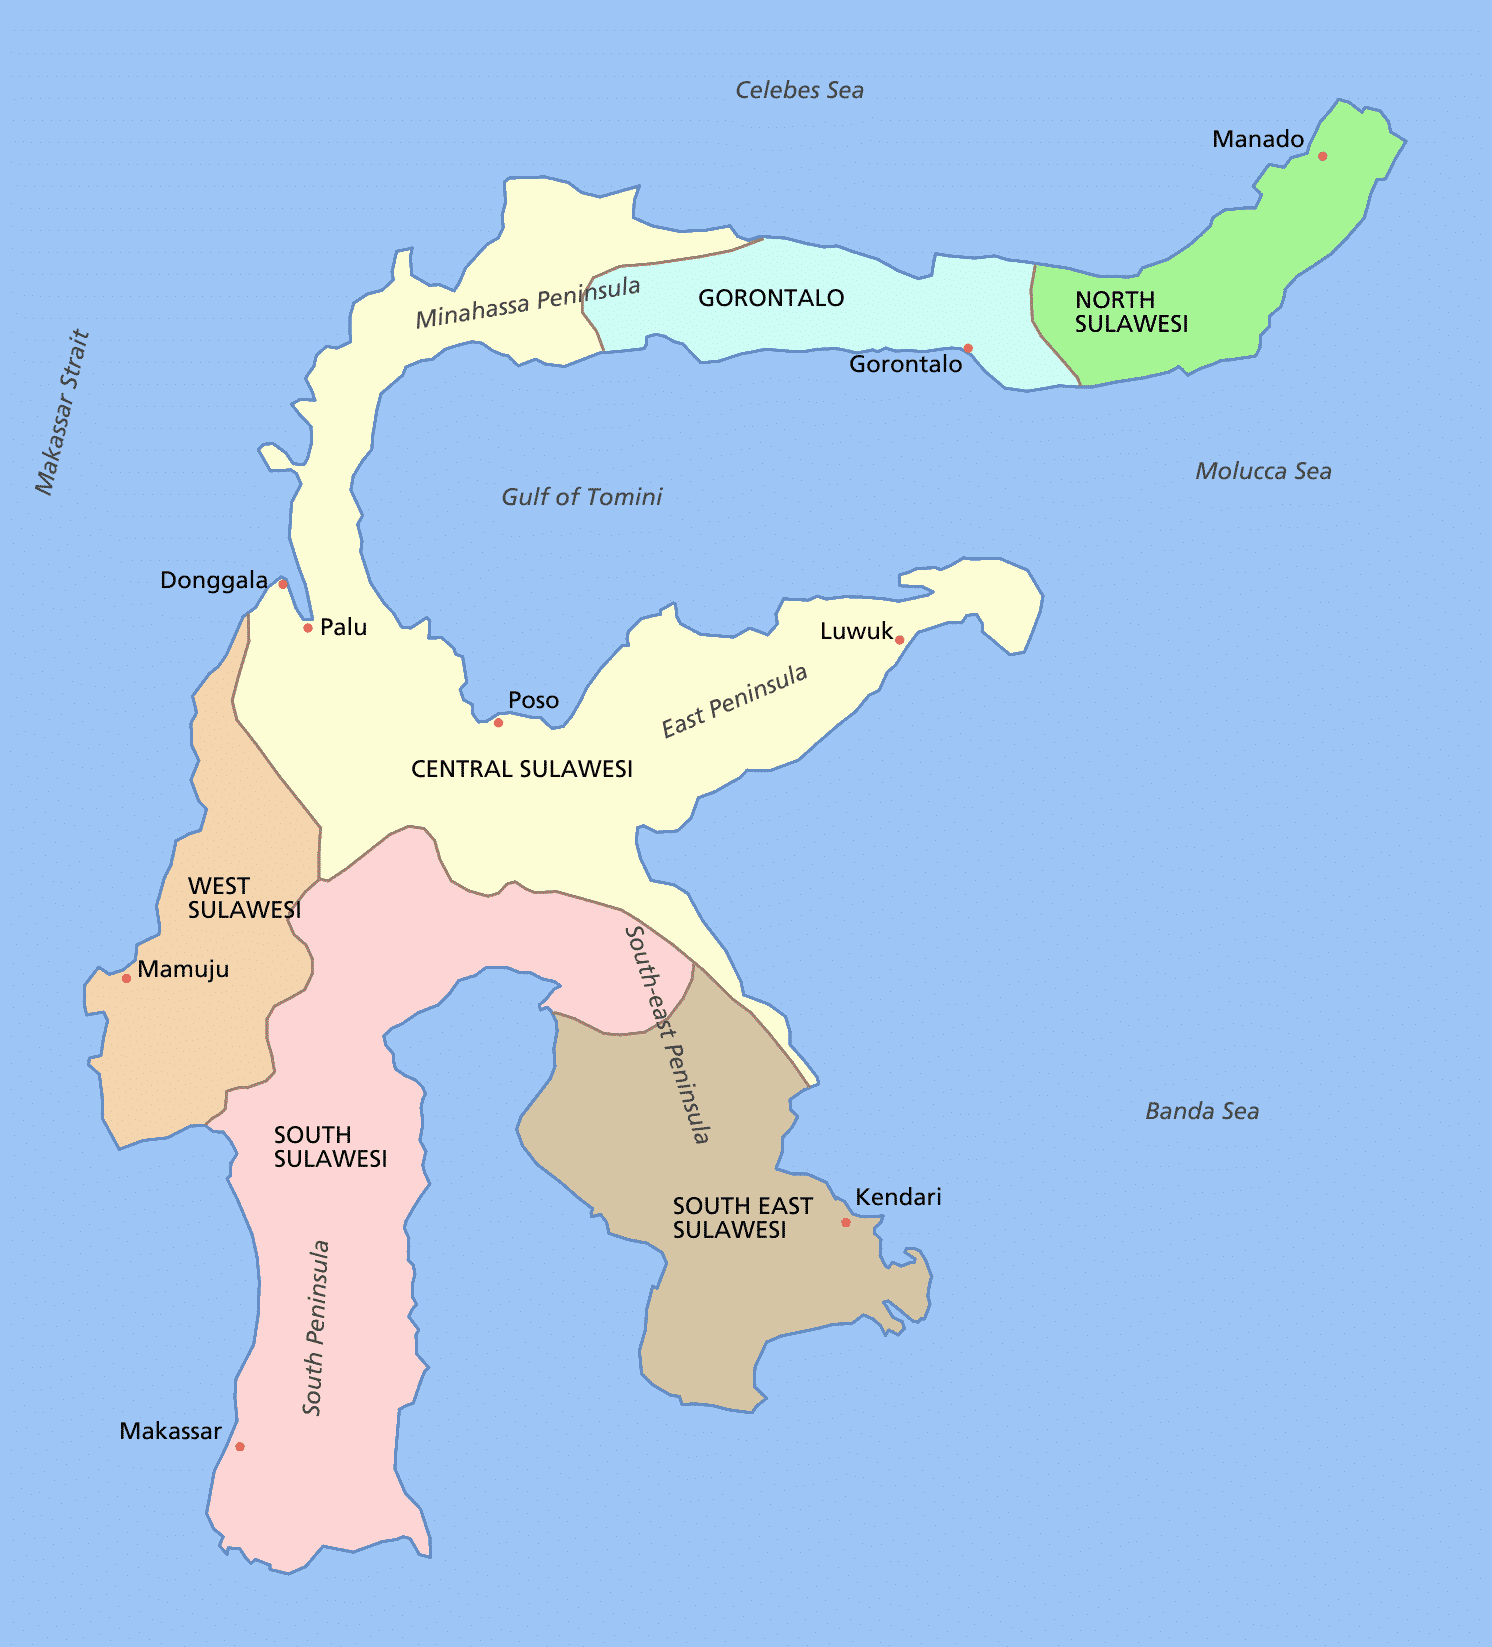 Provinsi-Provinsi yang Ada di Sulawesi